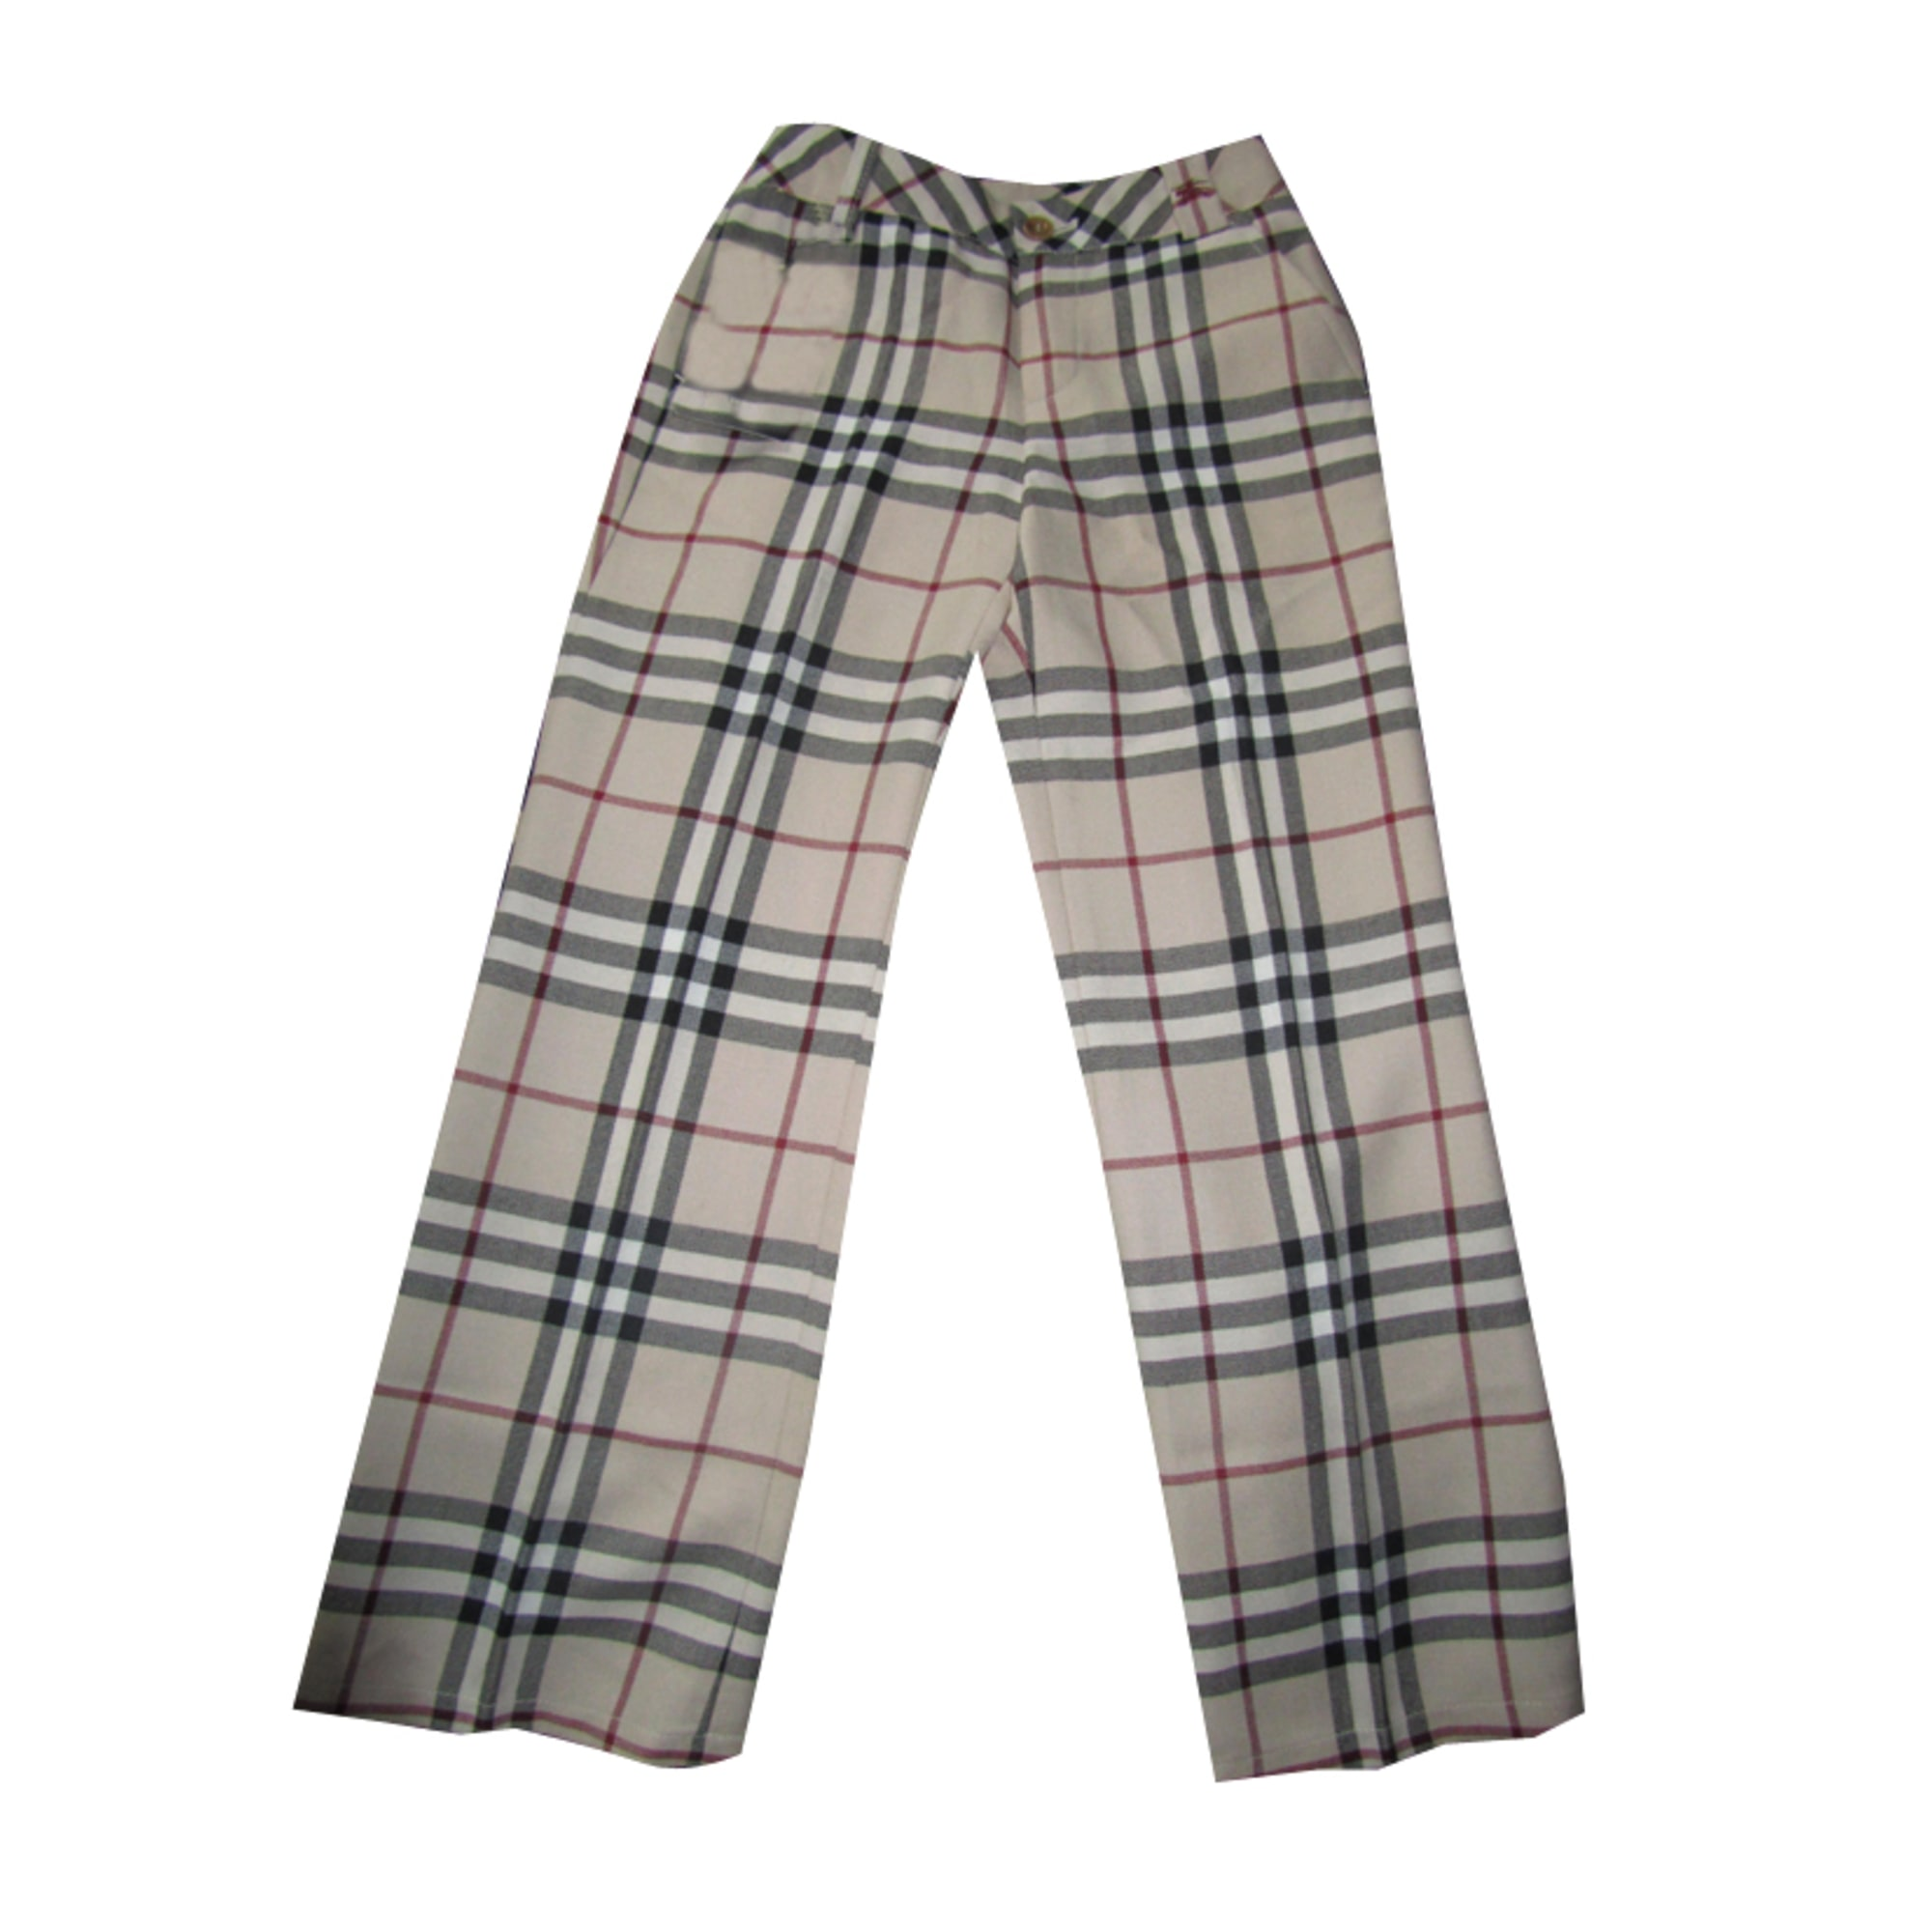 Pantalon BURBERRY 5-6 ans taran - 923442 24bdd8ef87e0